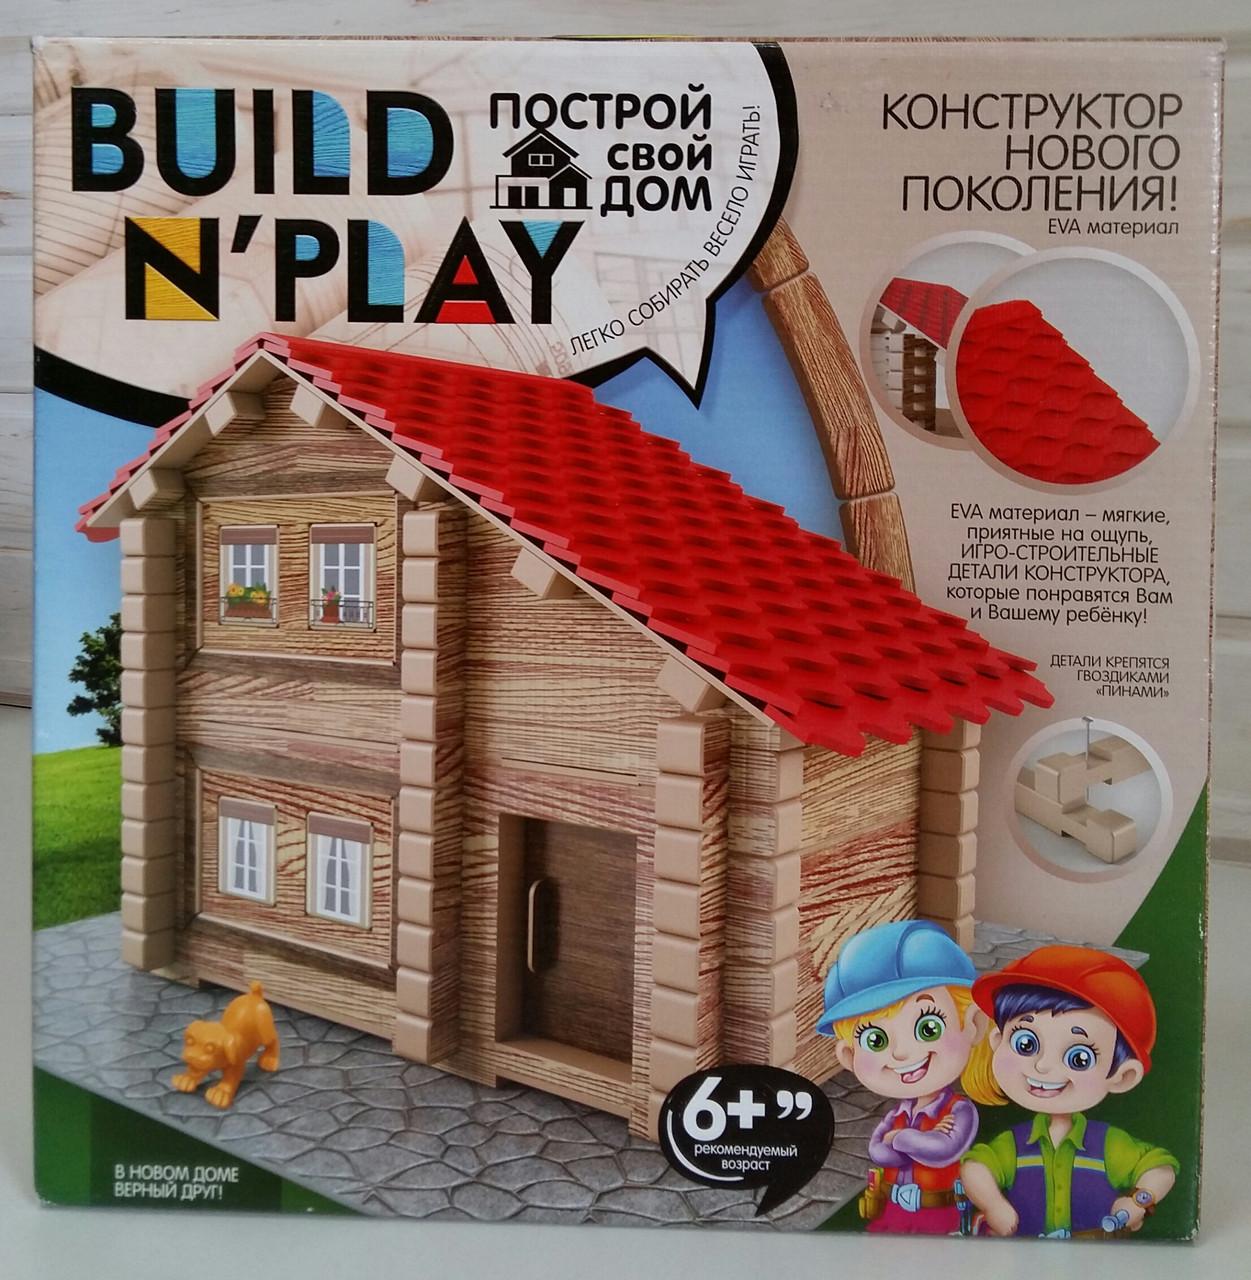 Конструктор нового покоління «BUILD N PLAY» Будинок BNP-01-01